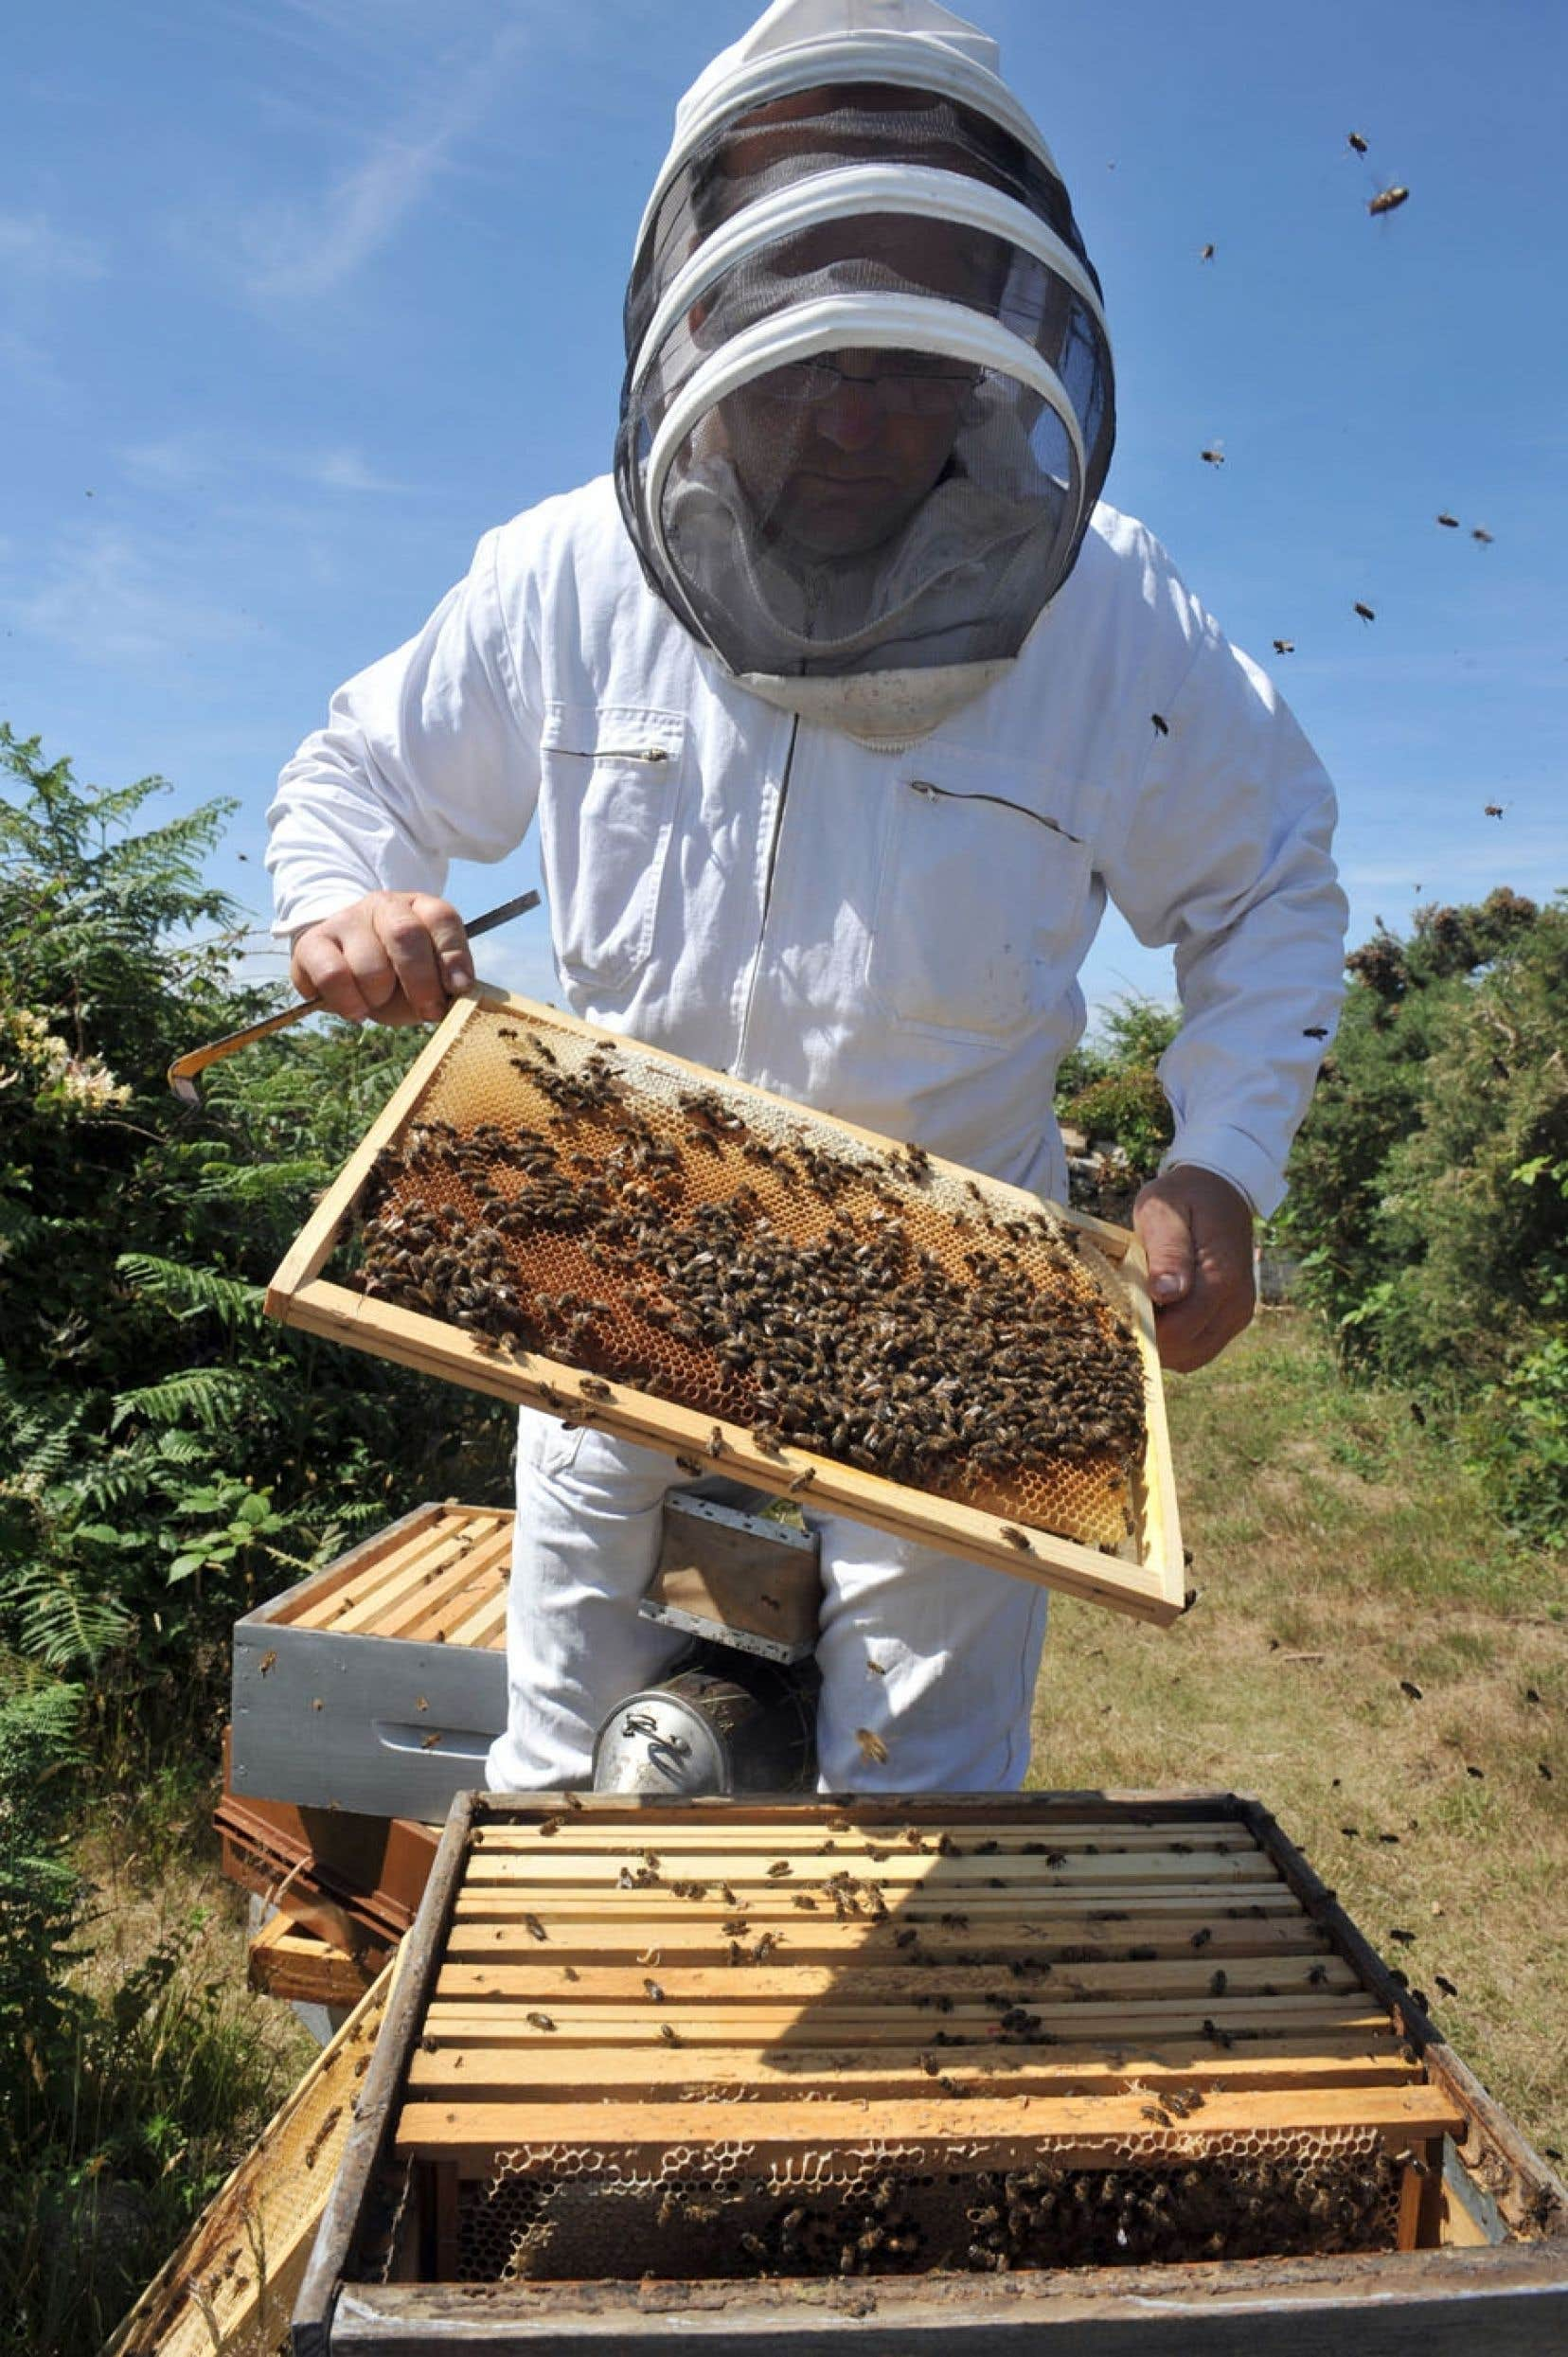 Le taux de mortalité des abeilles est d'environ 30% chaque année depuis 2007 en Europe.